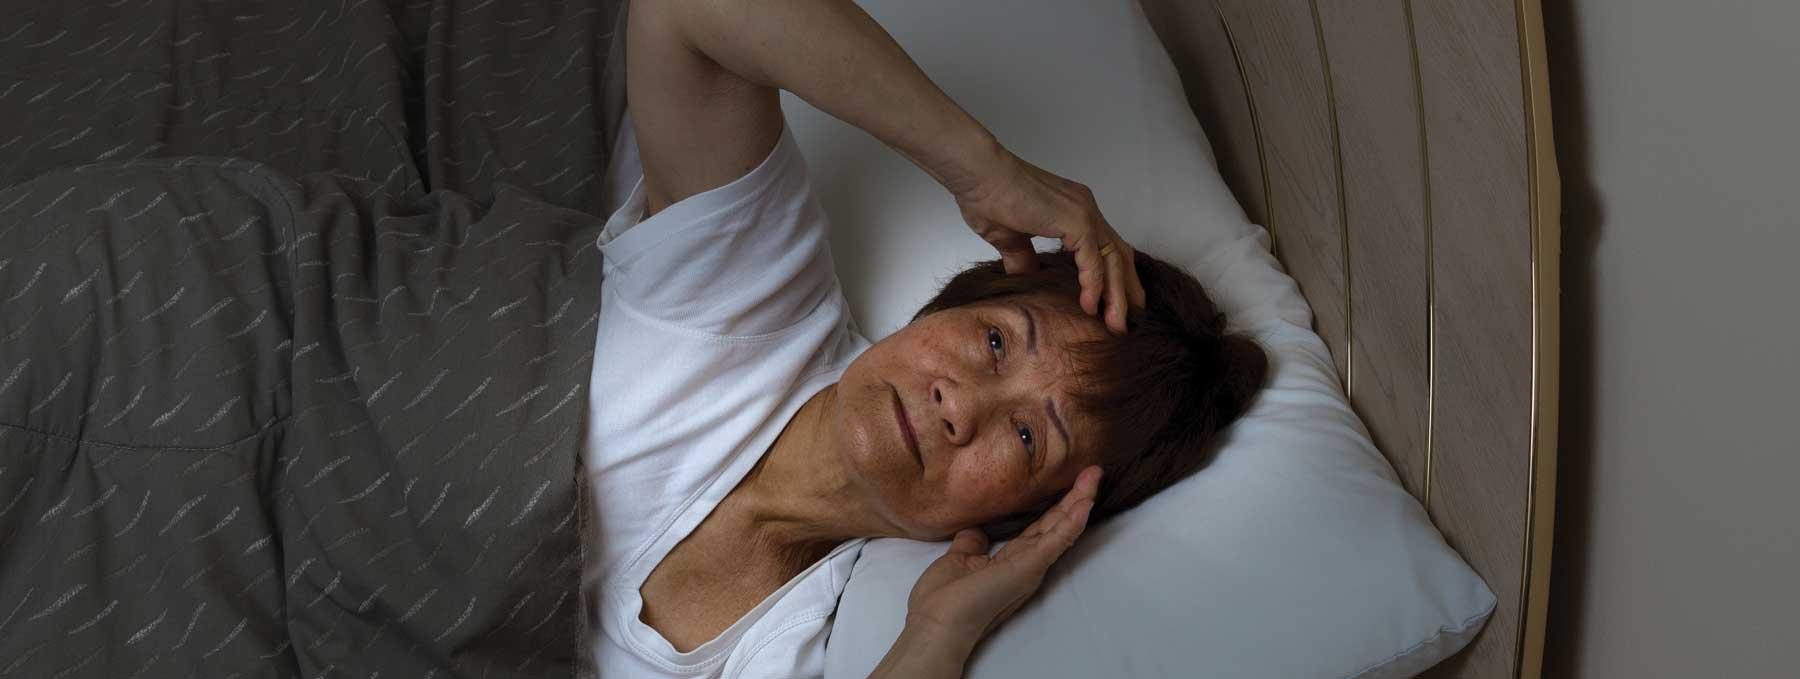 Бессонница при климаксе: причины, методы лечения, почему возникает, как бороться, профилактика